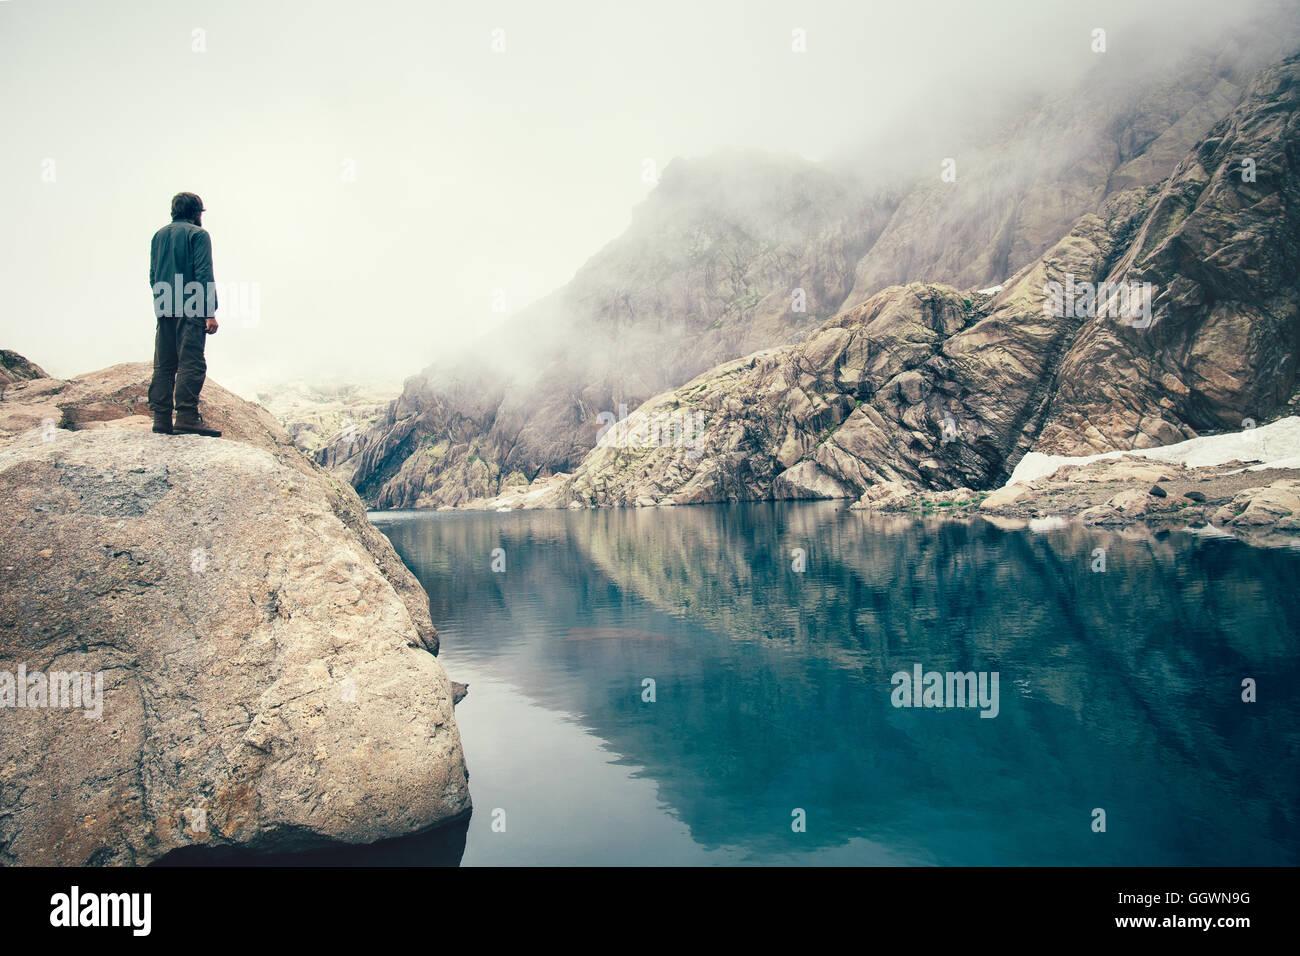 L'uomo Traveler in piedi da sola sulla scogliera di pietra lago e Misty Mountains sullo sfondo di viaggio il concettoFoto Stock